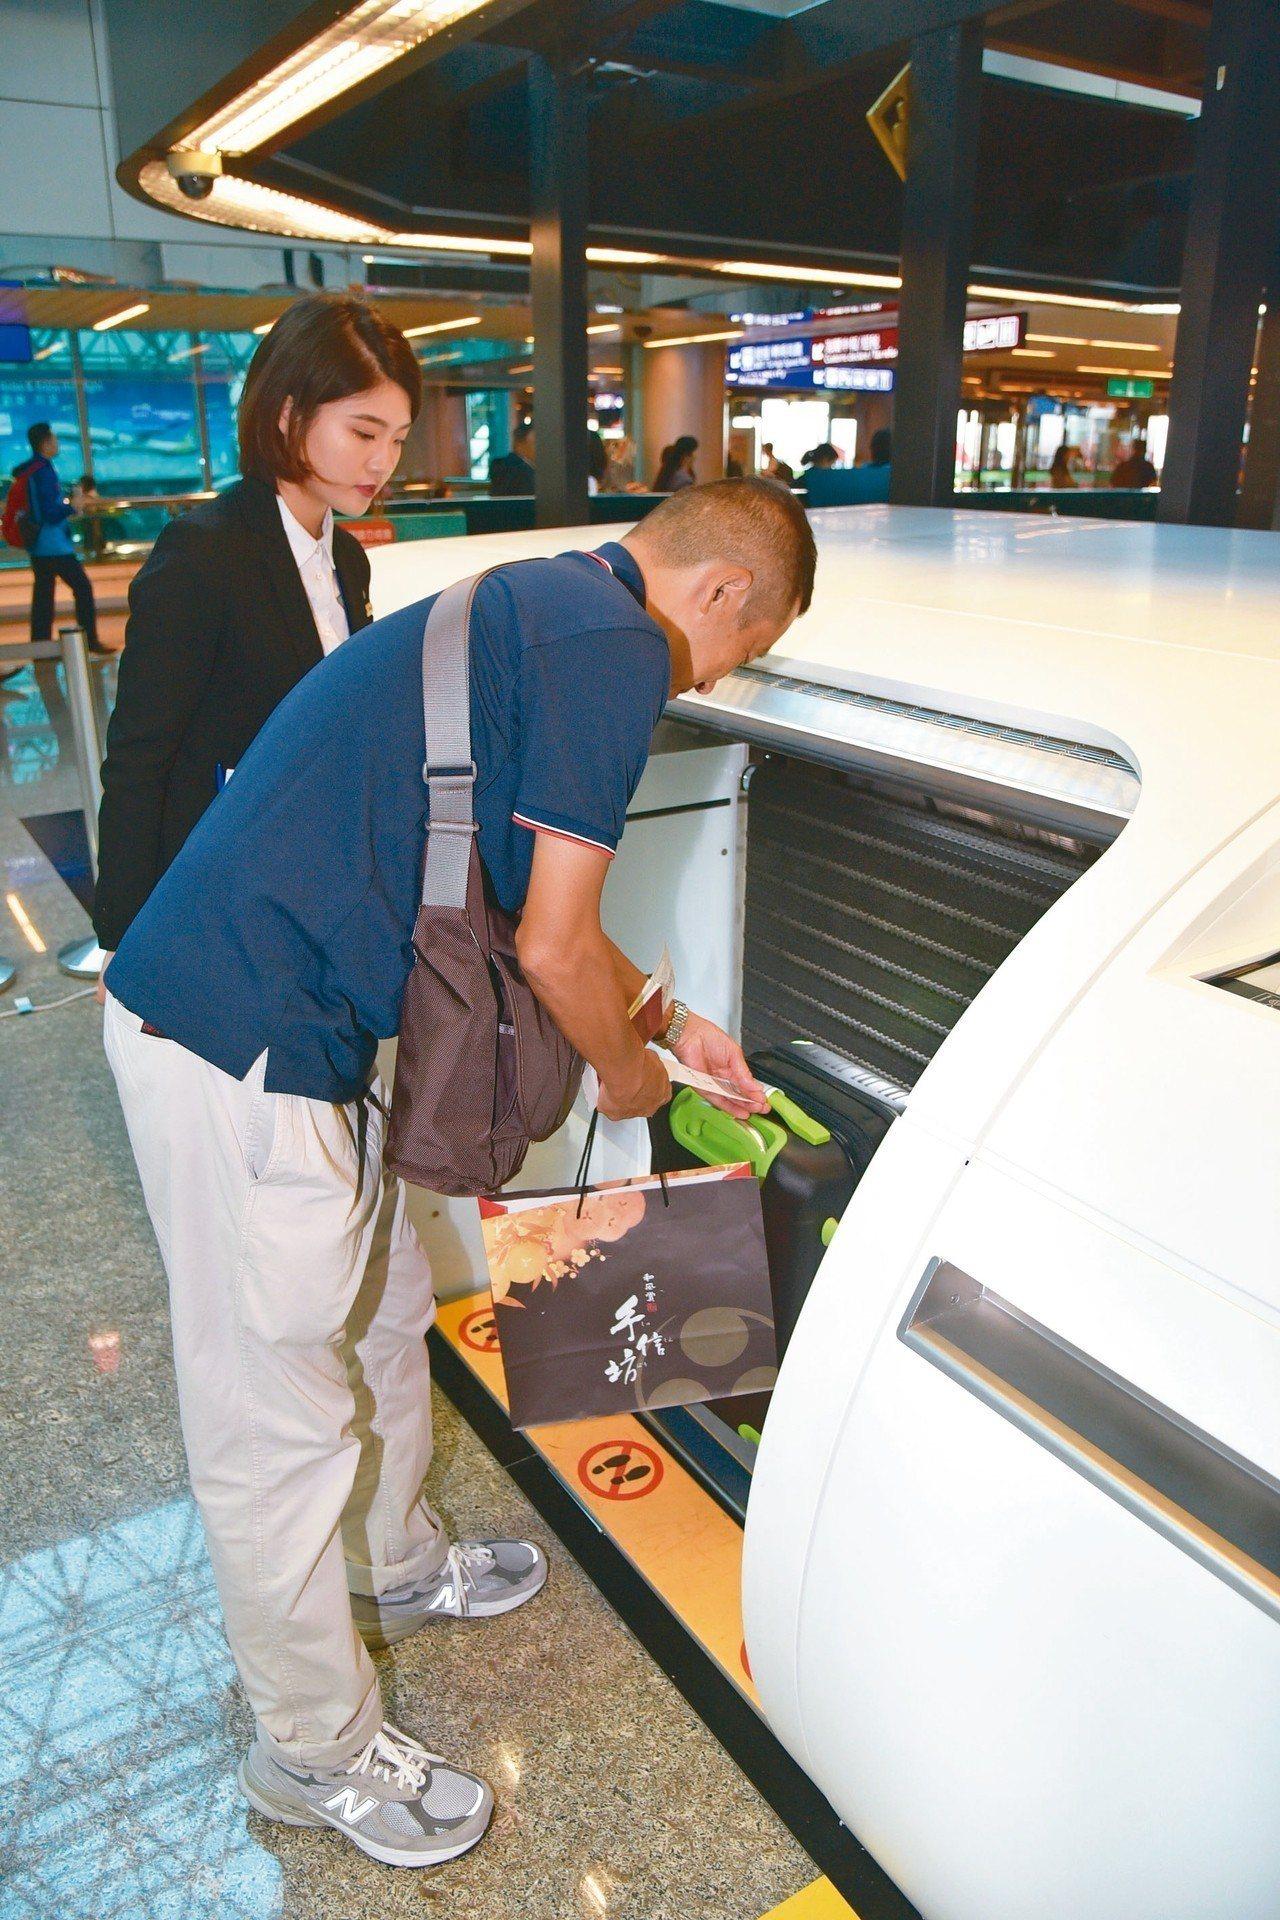 桃園機場第二航廈自助行李托運櫃檯10月啟用。 桃機/提供